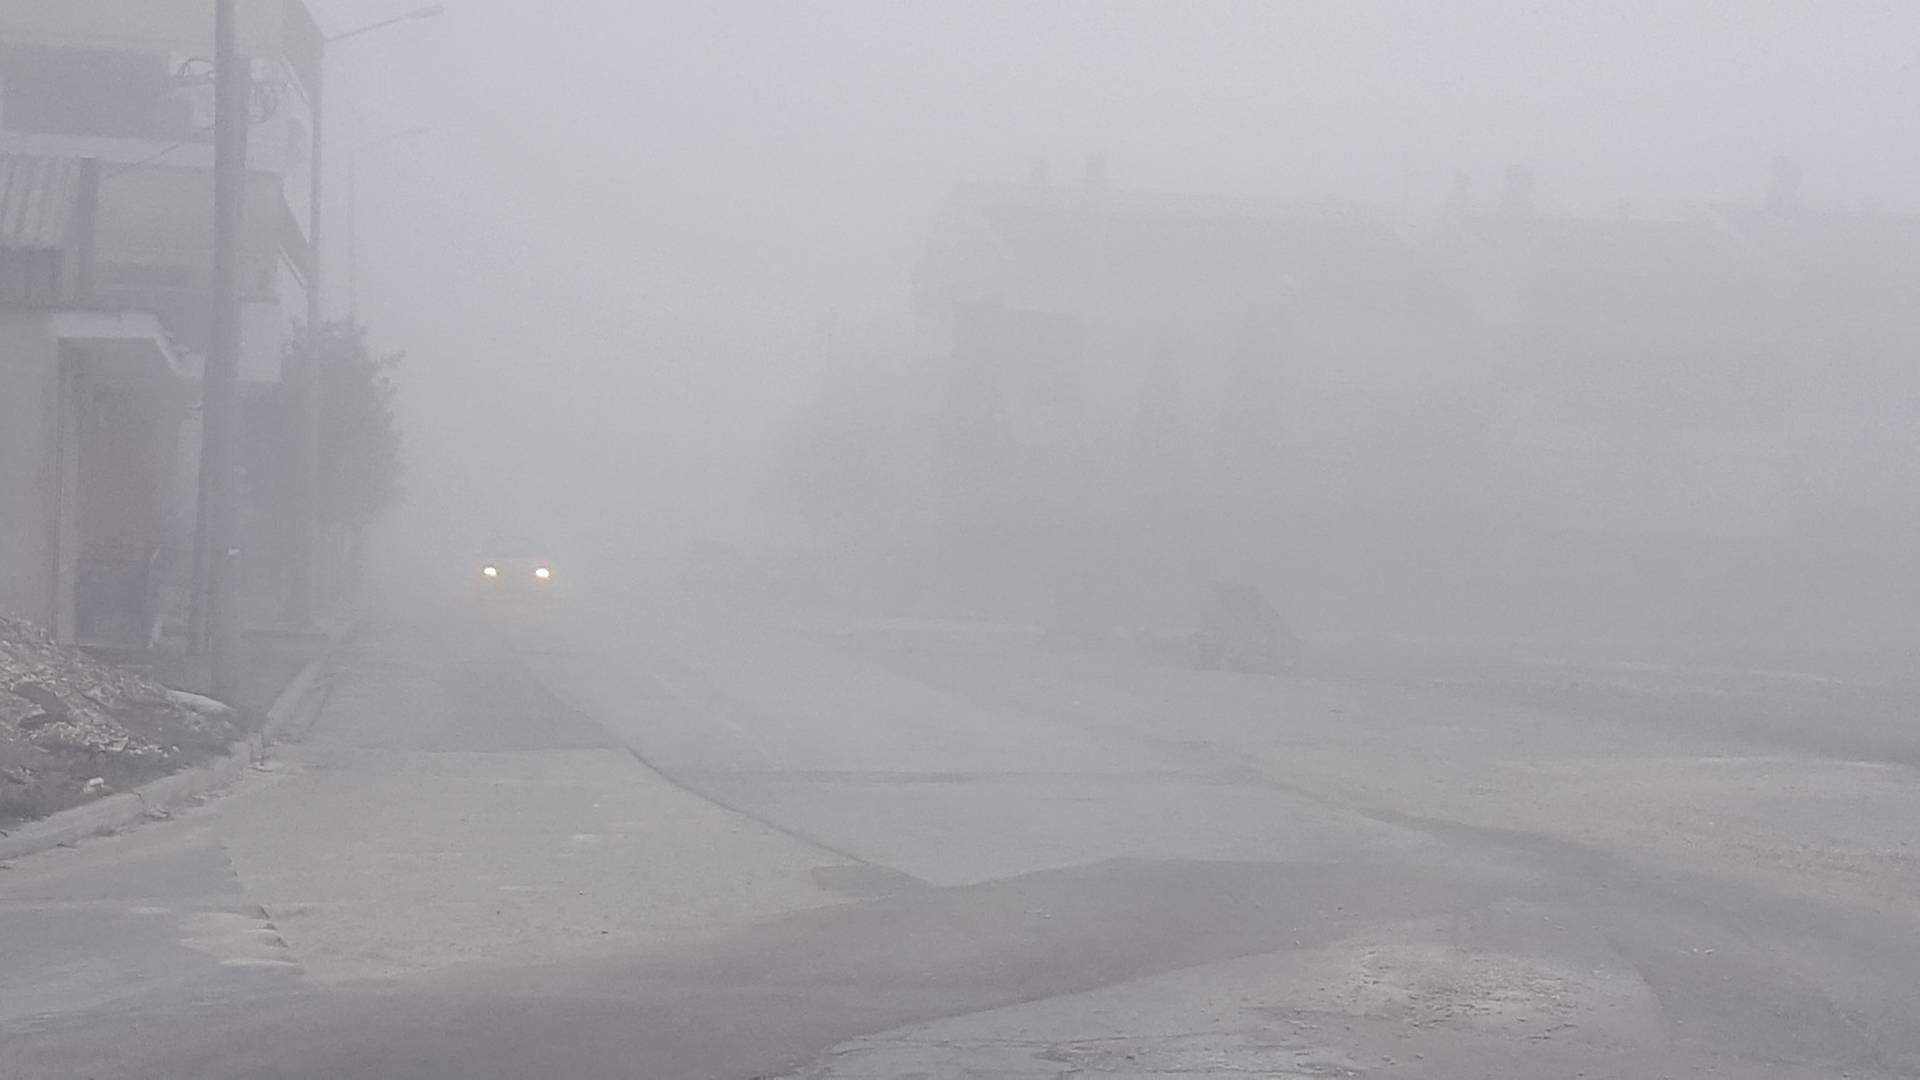 ομιχλη λαρισα (4)